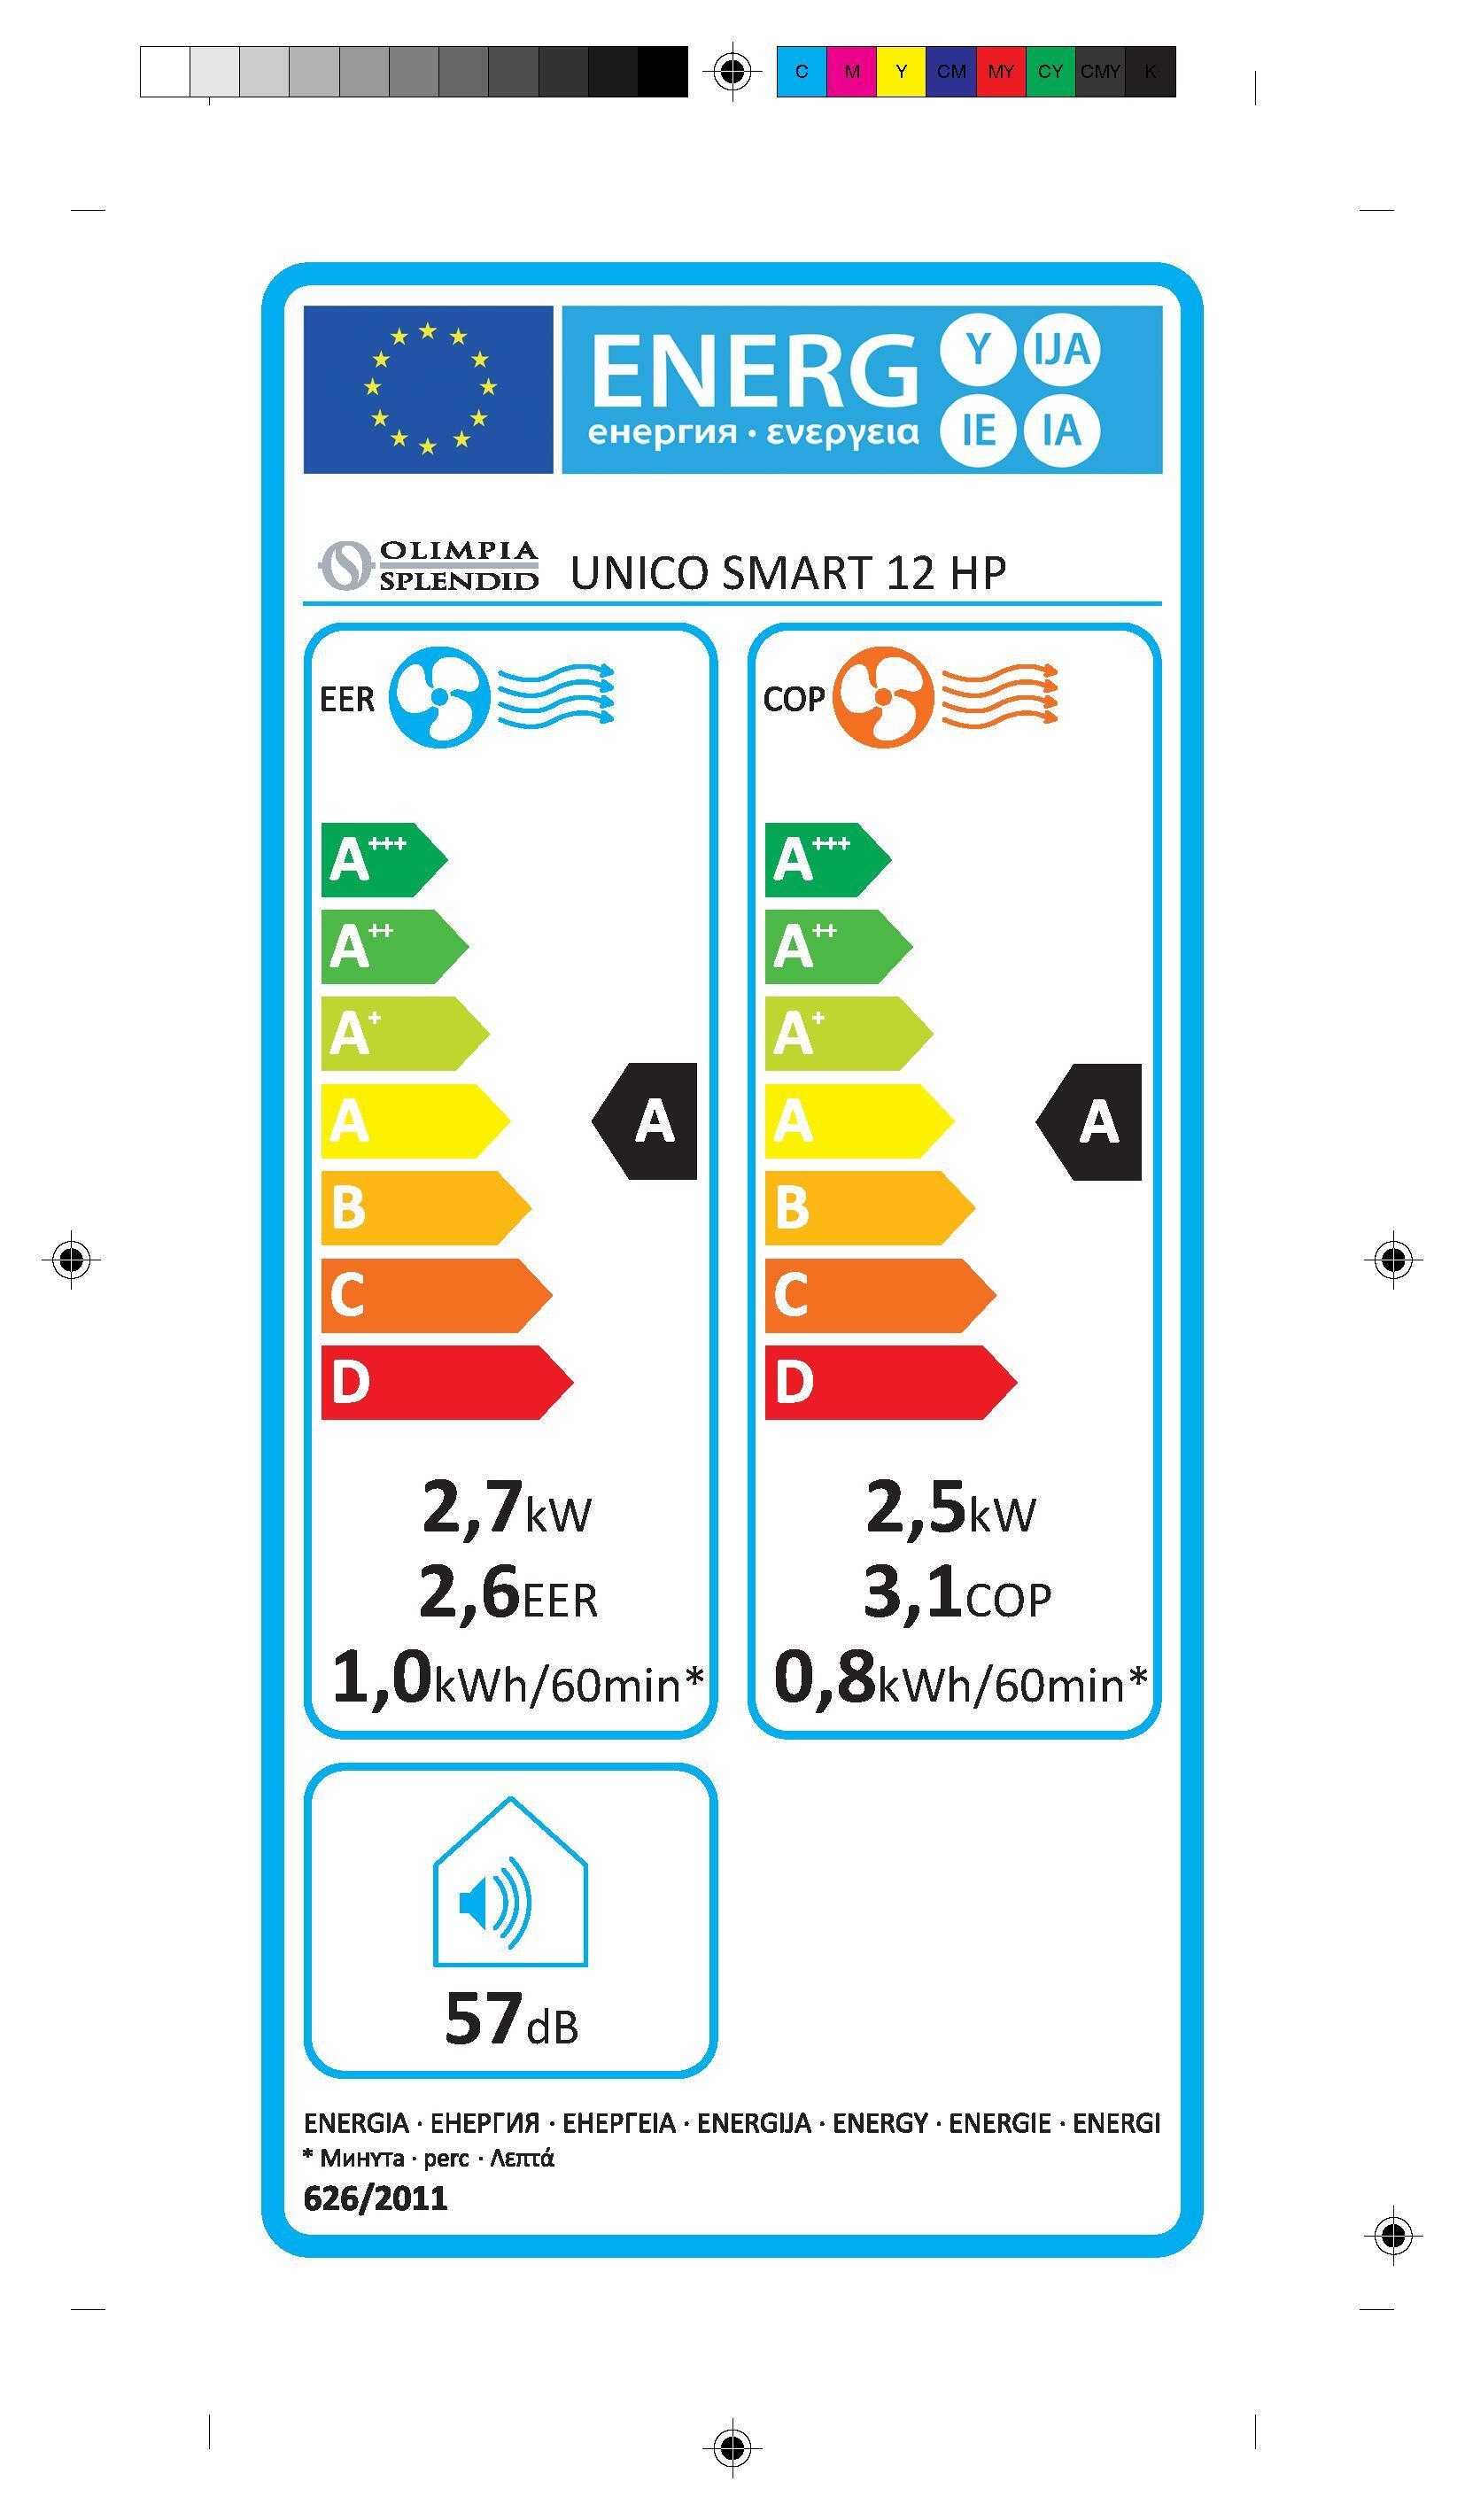 Climatizzatore monoblocco OLIMPIA SPLENDID Unico smart 9000 BTU classe A - 3